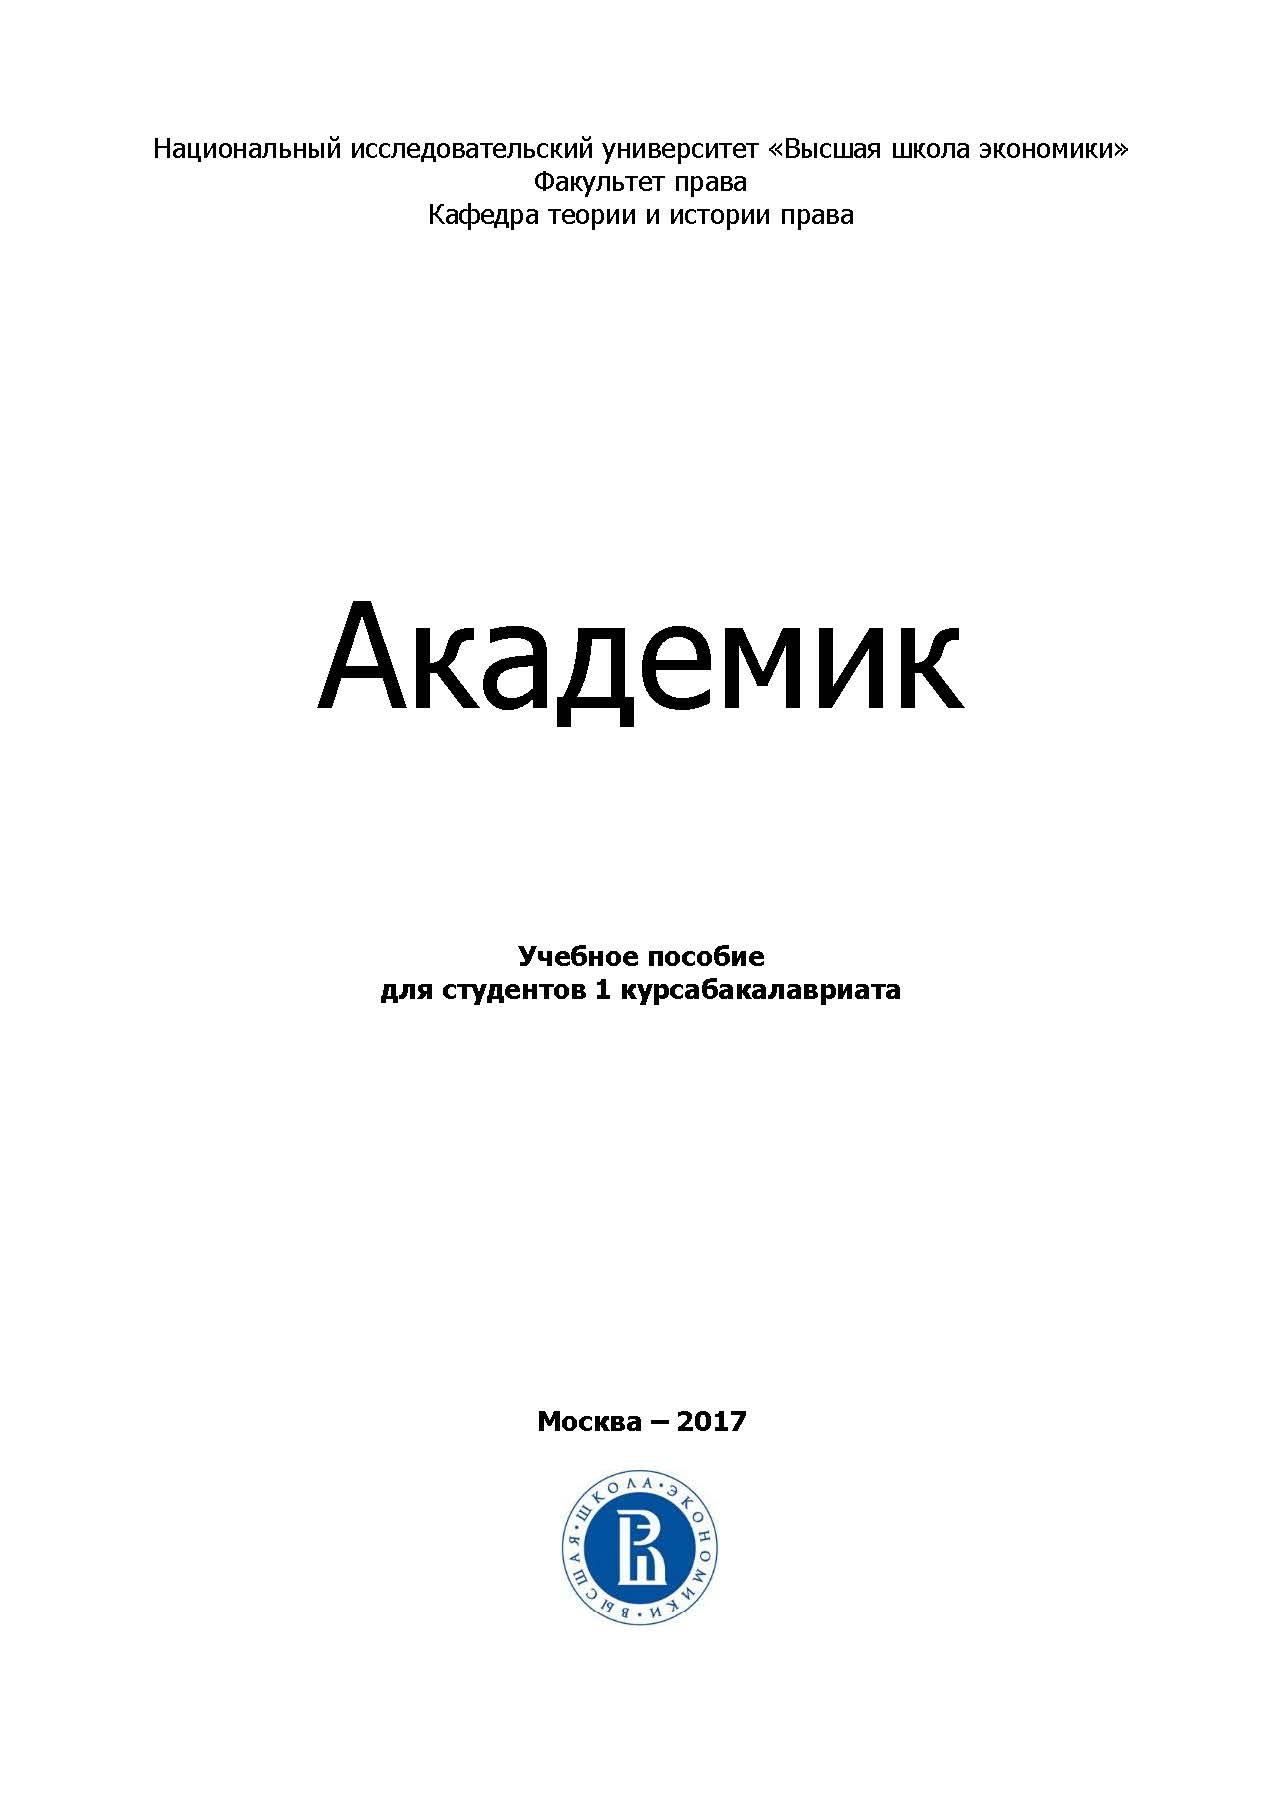 Академик: учебное пособие для 1 курса бакалавриата